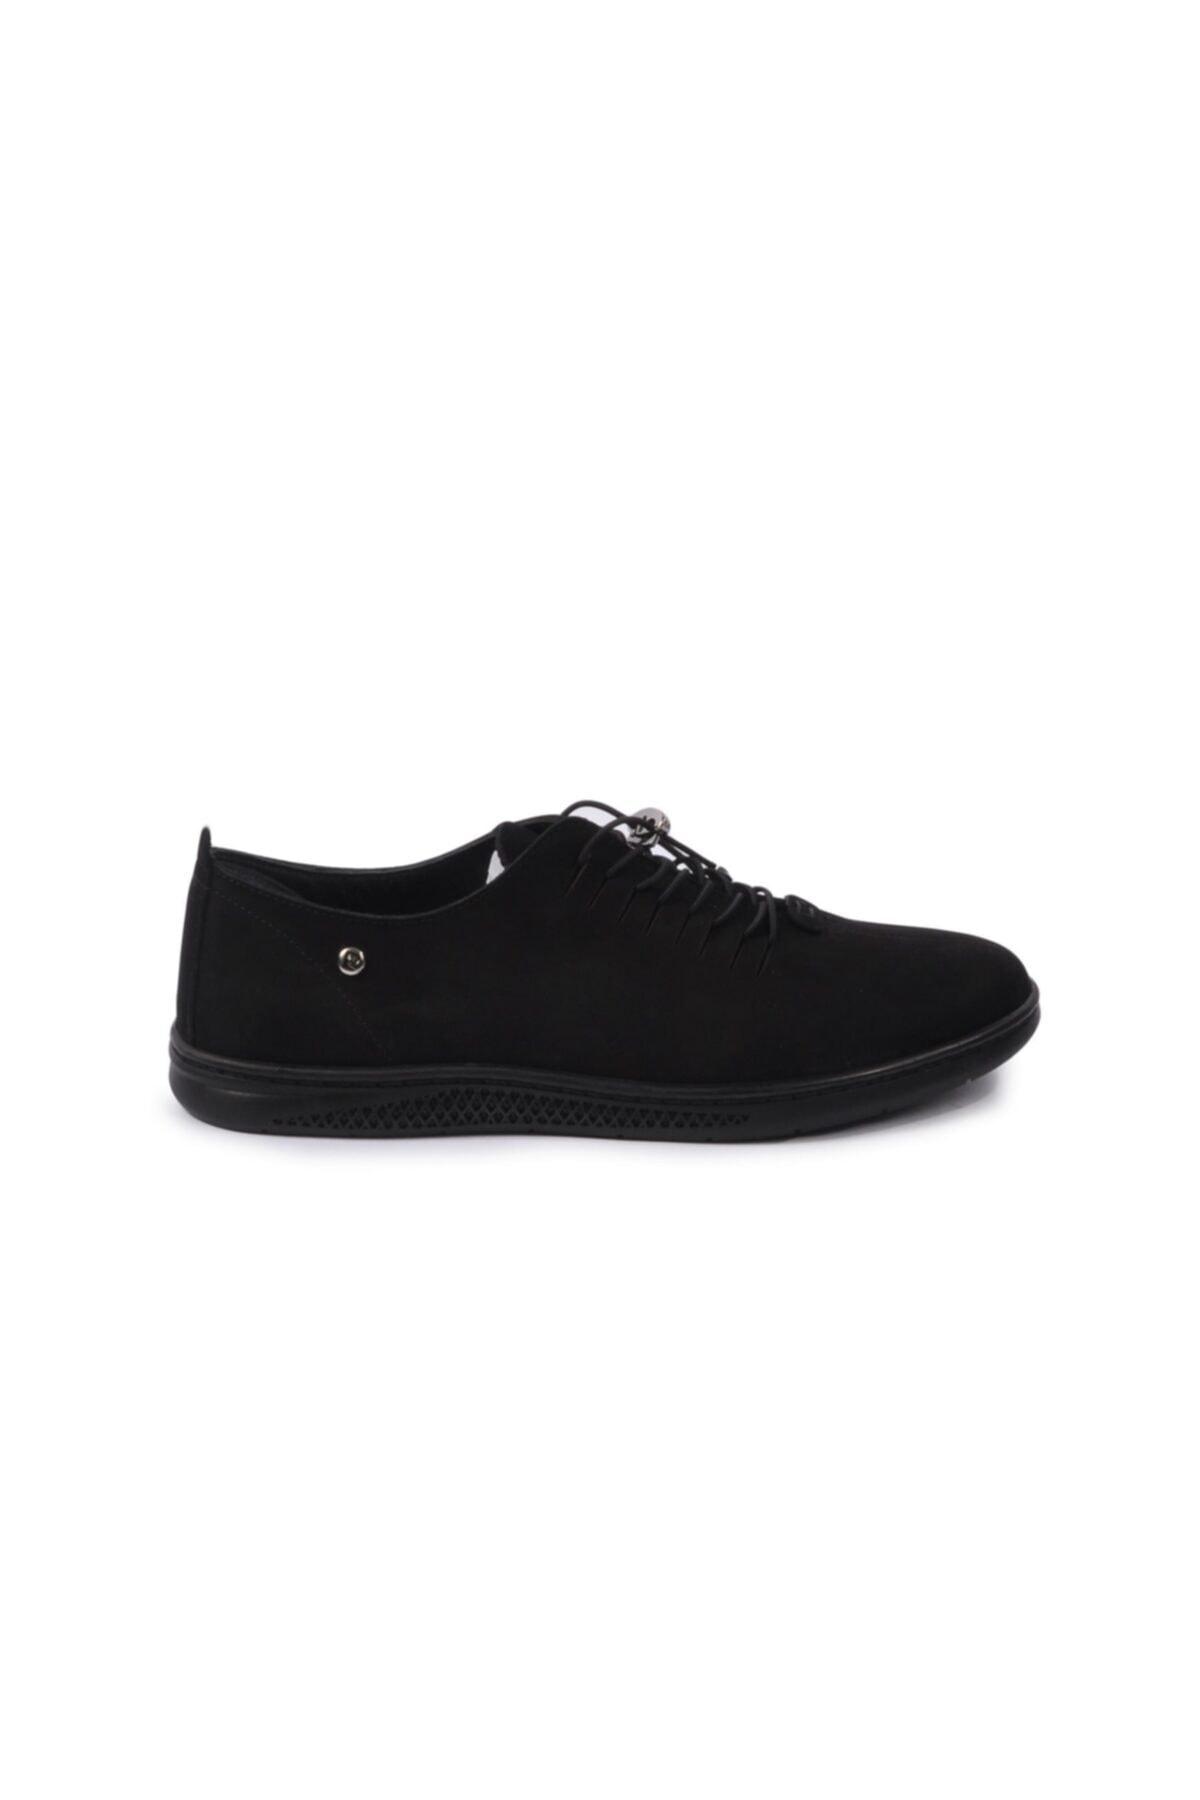 Pierre Cardin Siyah-nubuk Erkek Hakiki Deri Ayakkabı 2